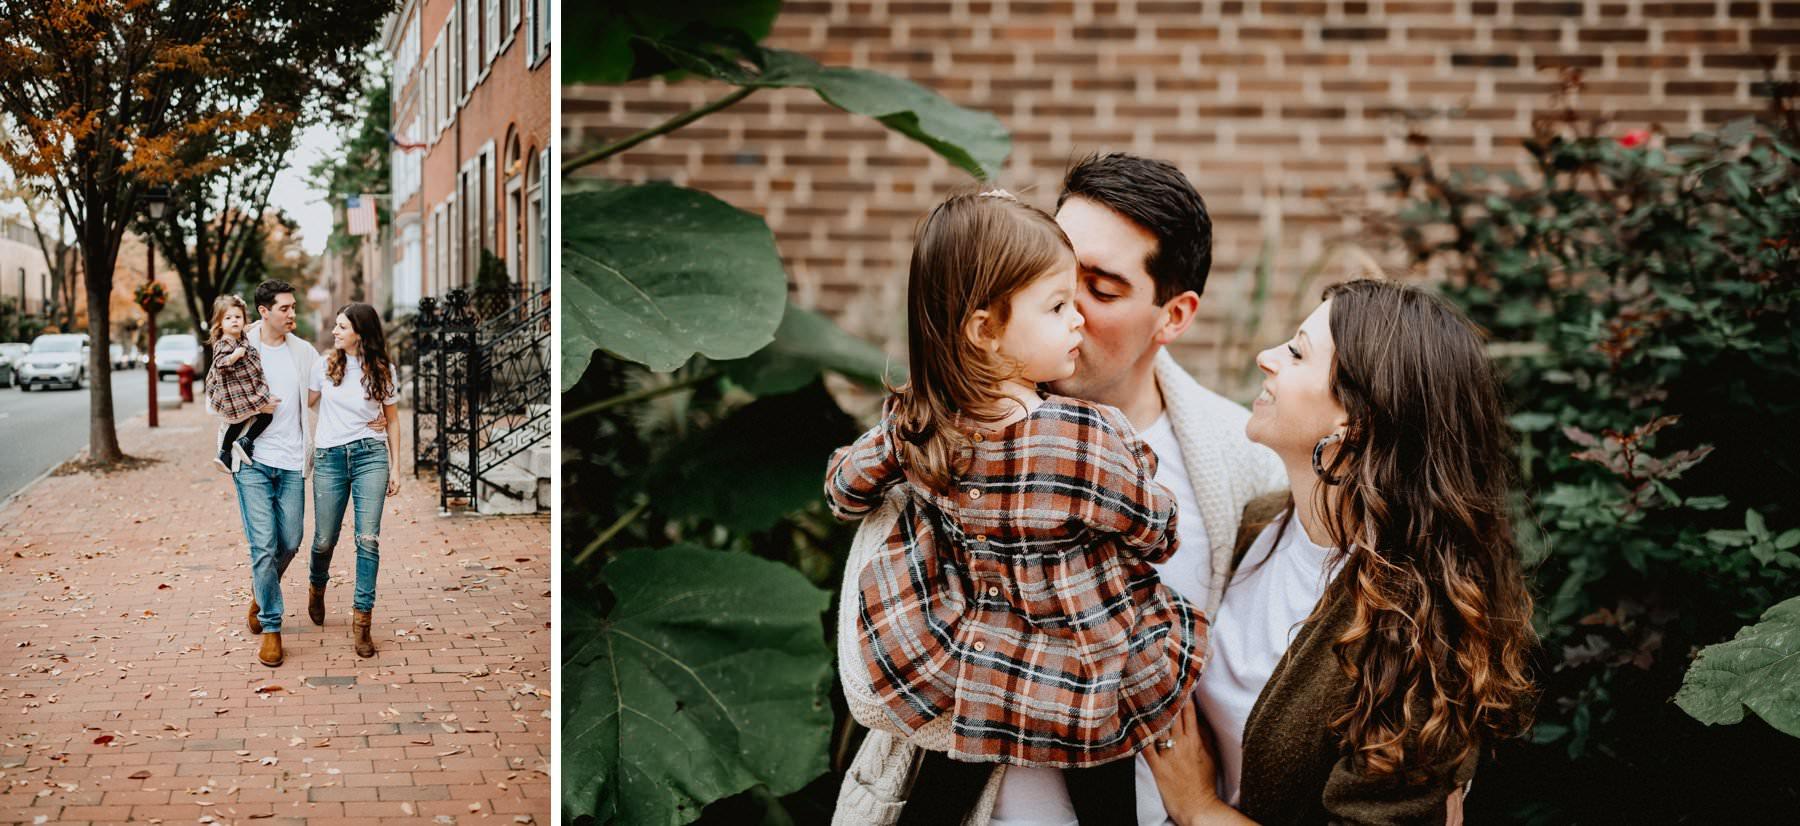 Philadelphia_family_photographer-24.jpg